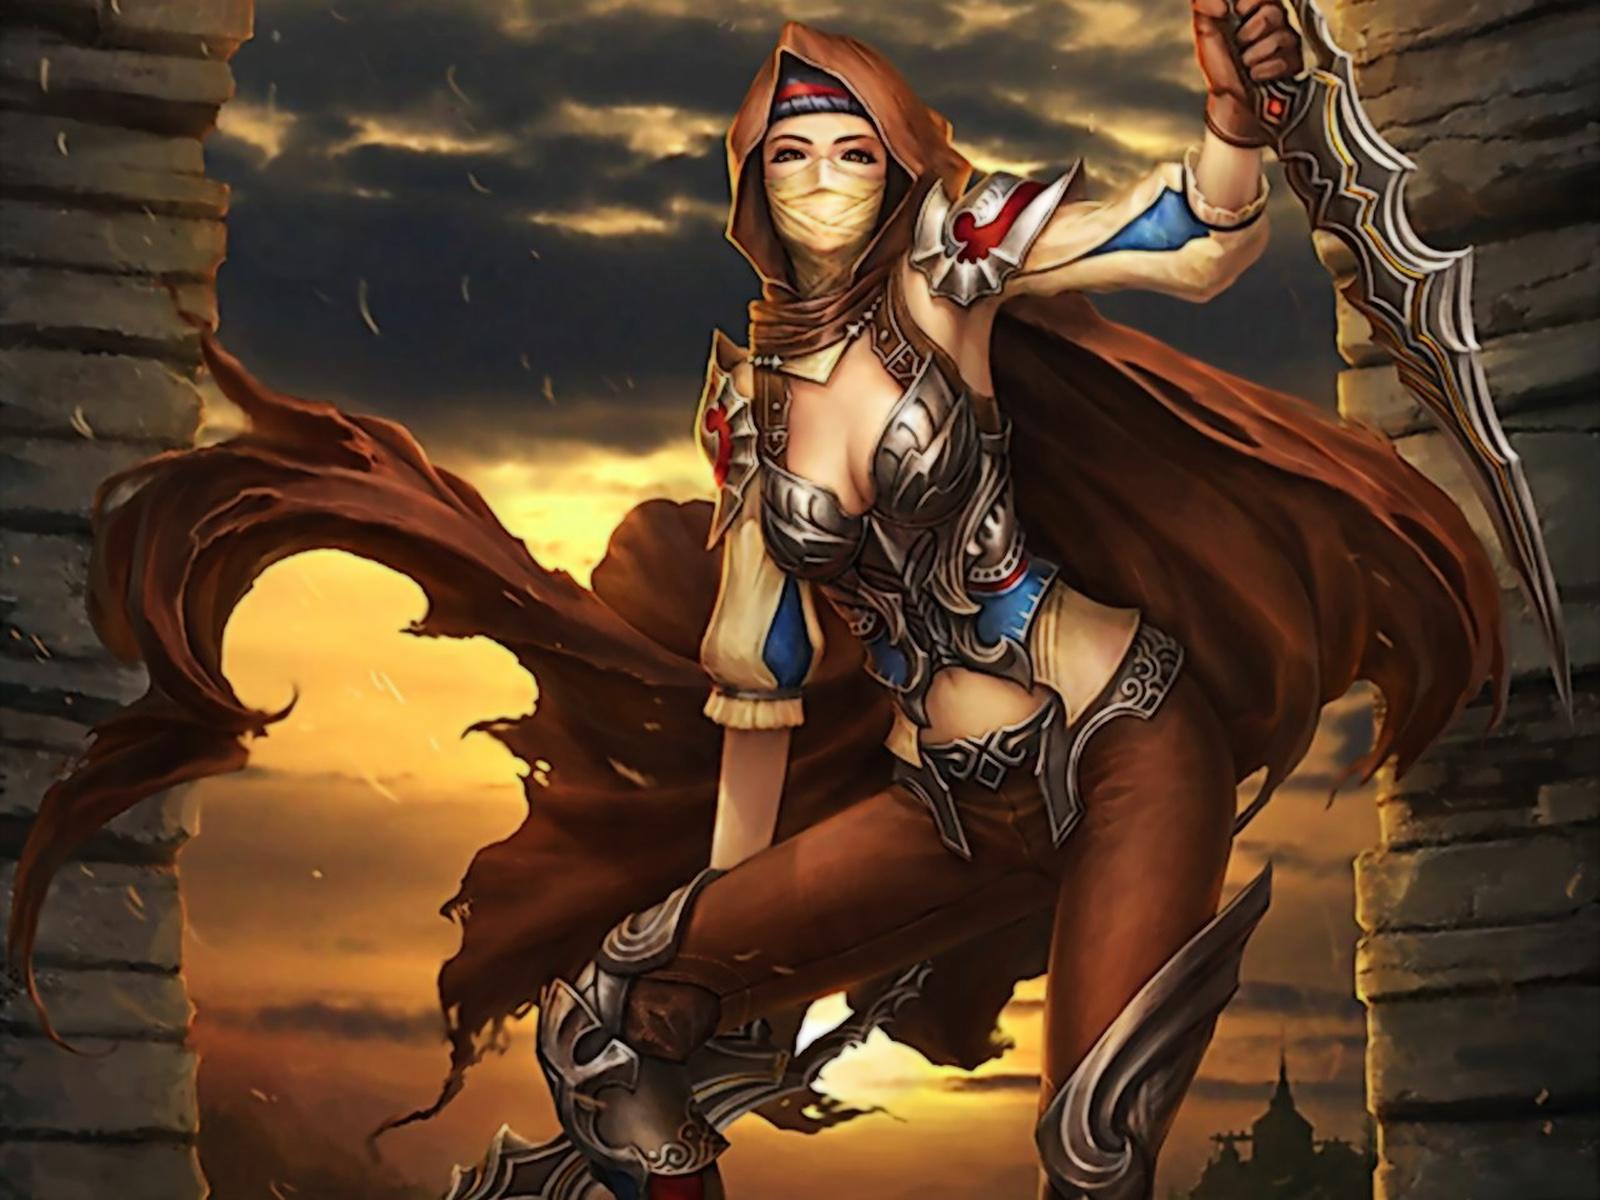 Female Assassin Wallpaper   ForWallpapercom 1600x1200